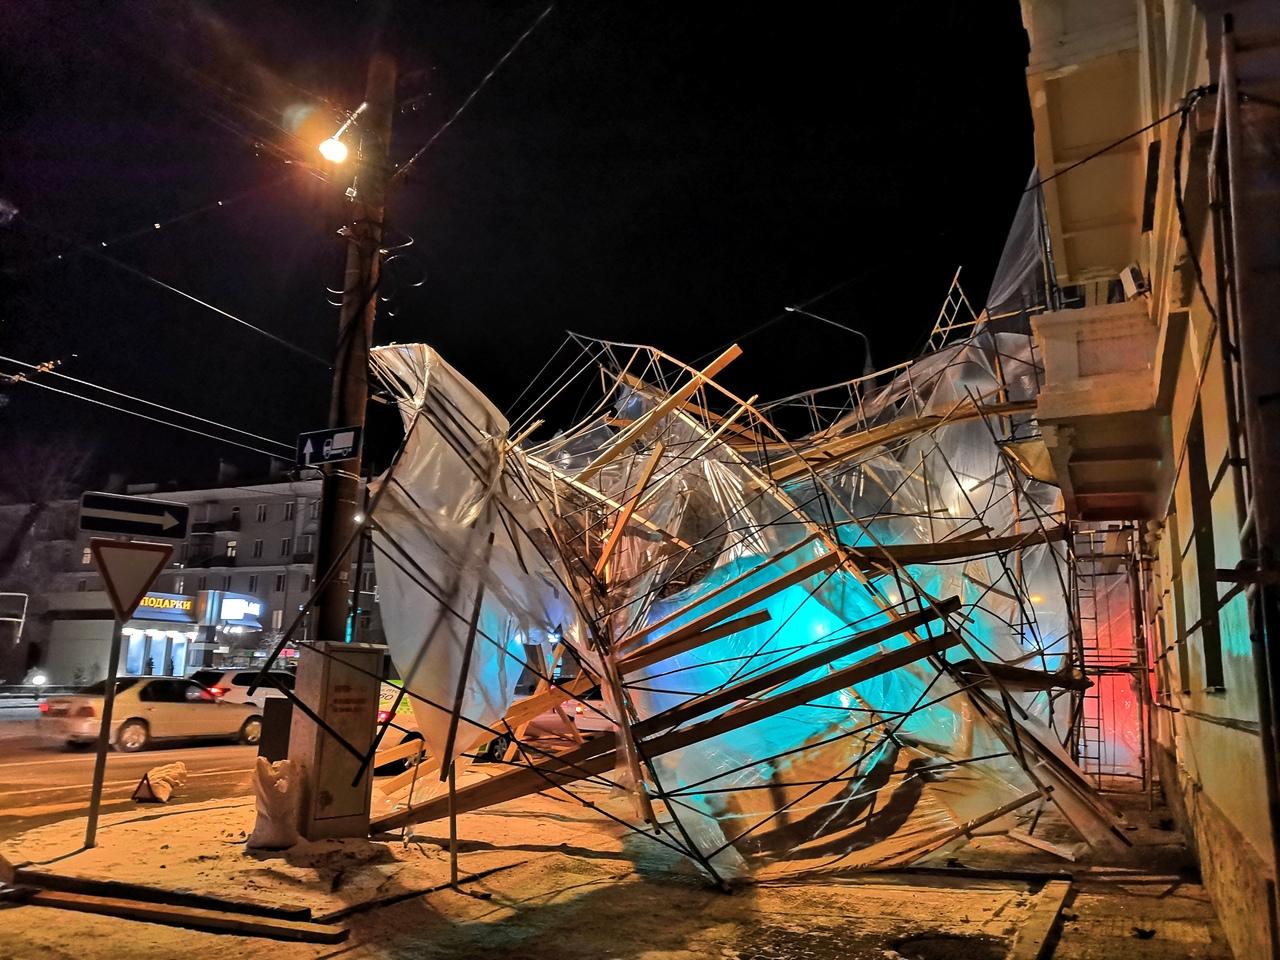 В Красноярске на проспекте Мира ветер повалил строительные леса